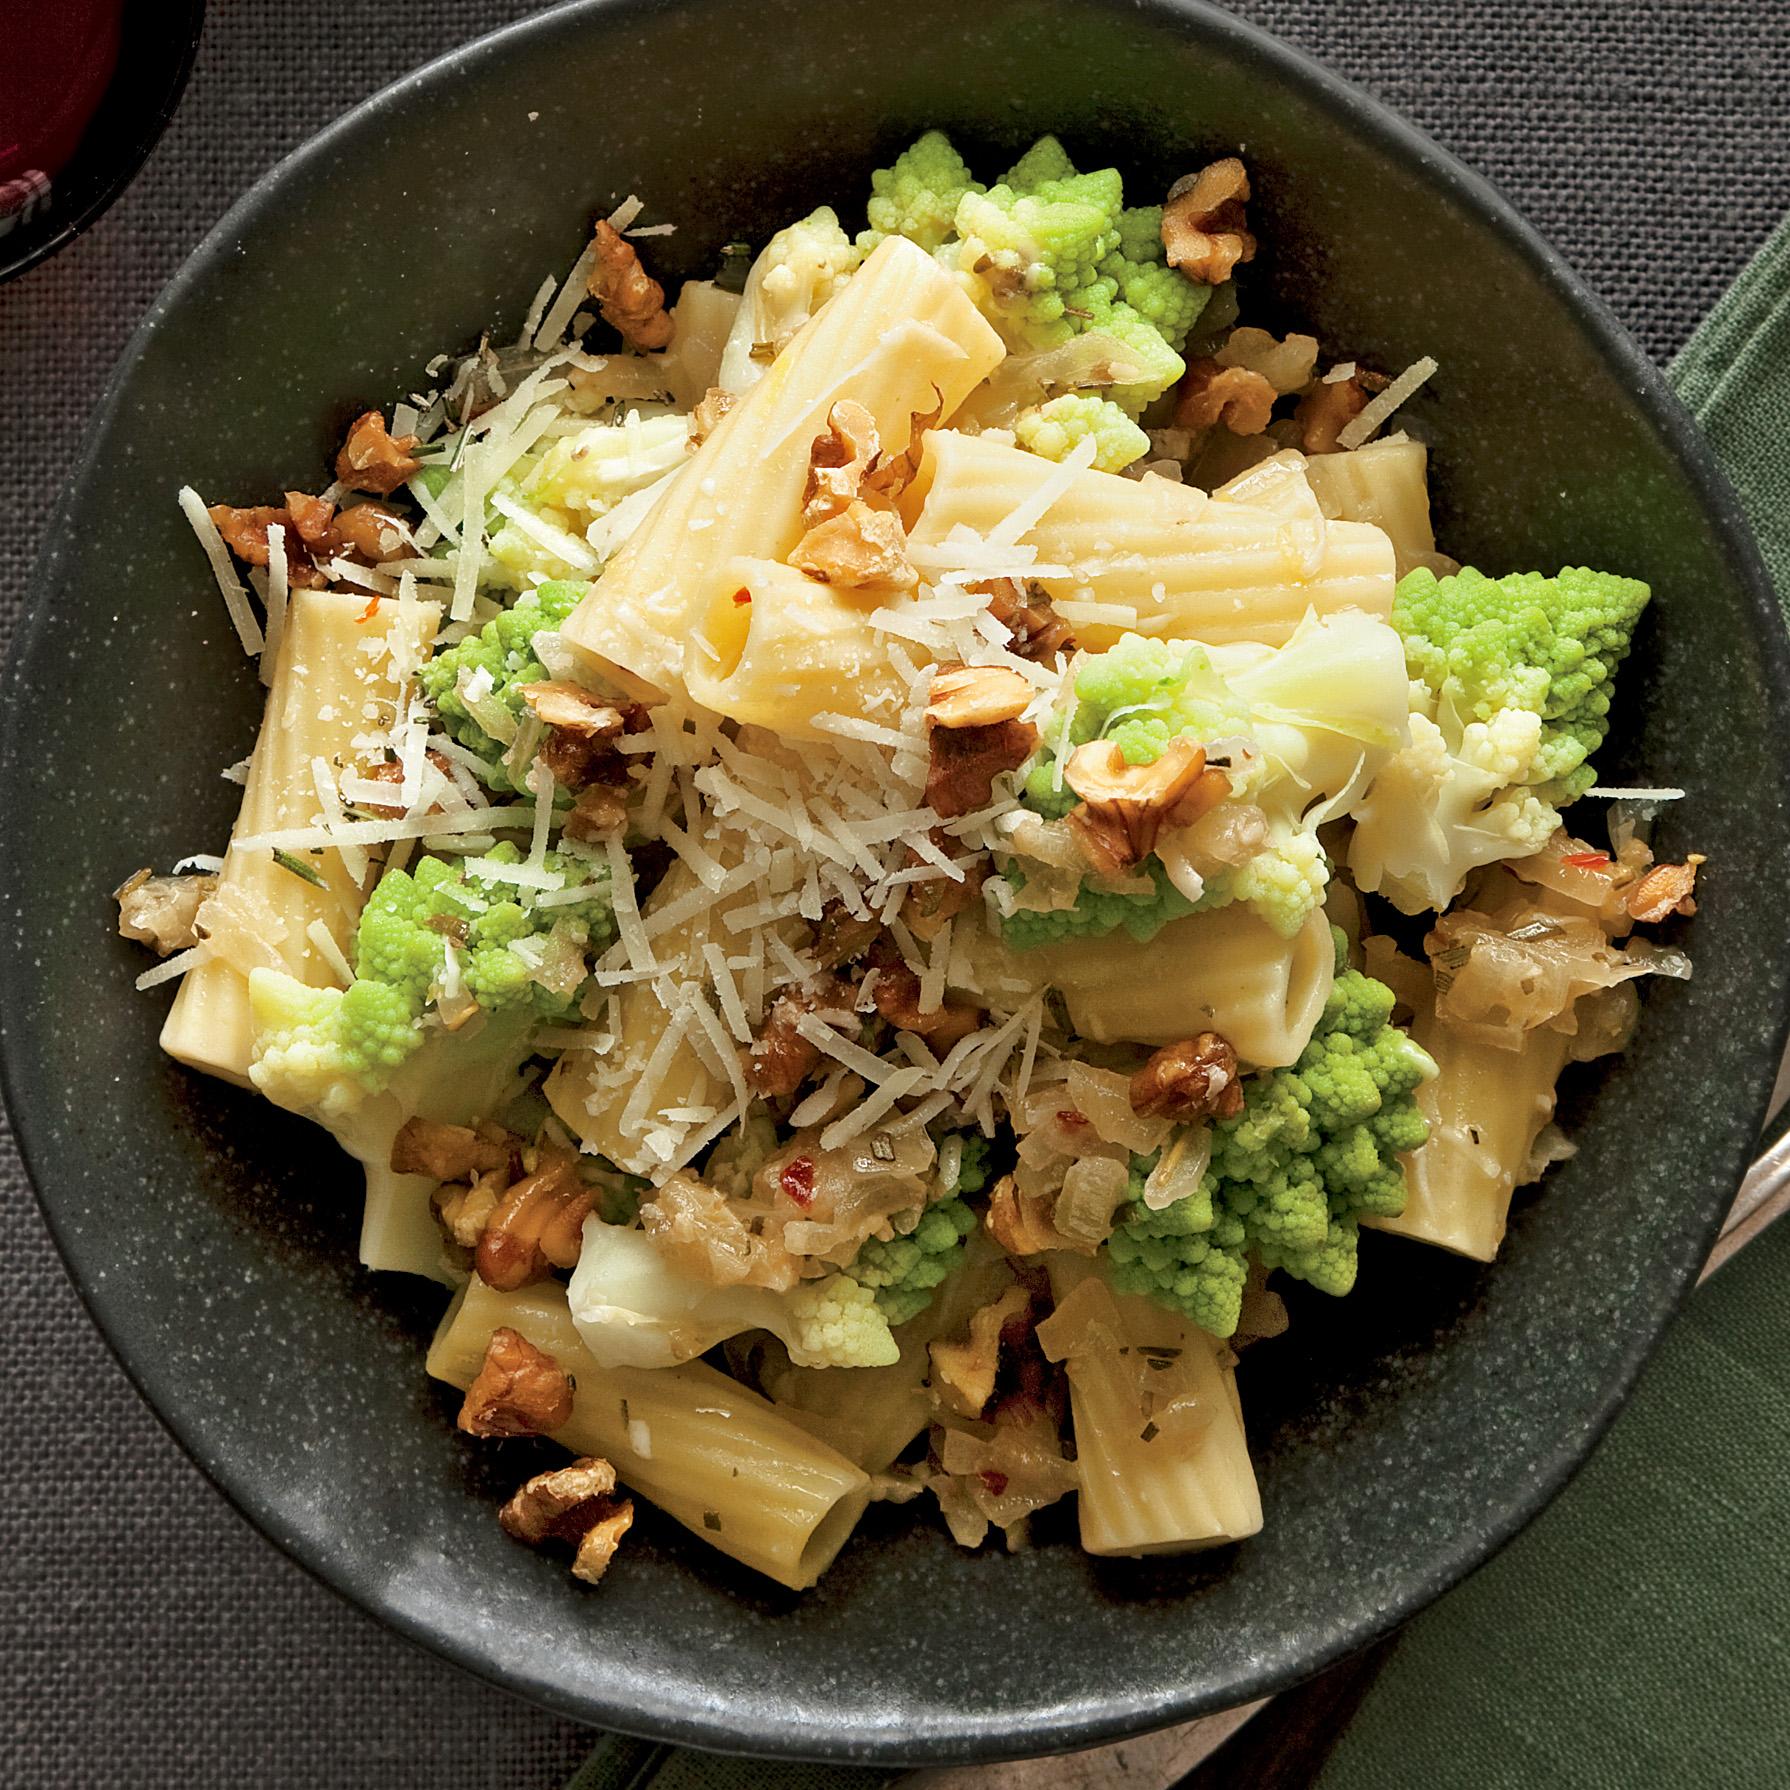 Romanesco Broccoli and Rigatoni